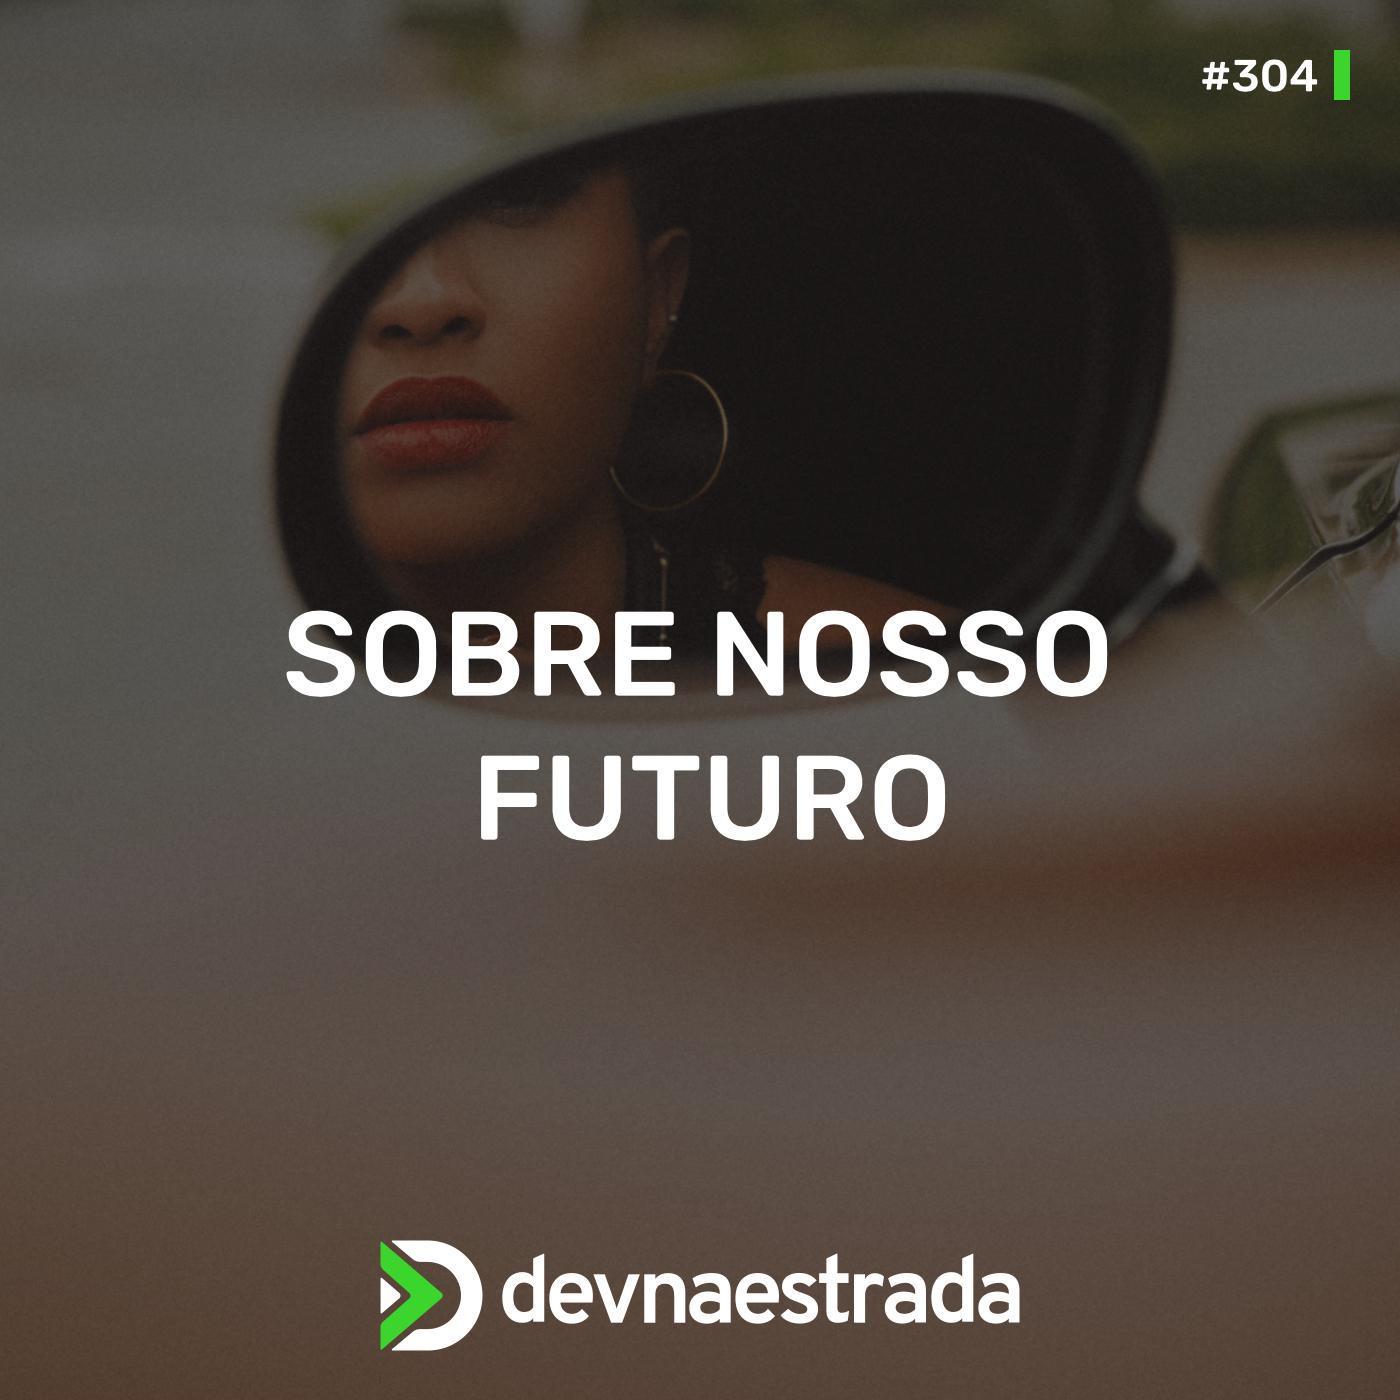 Sobre Nosso Futuro